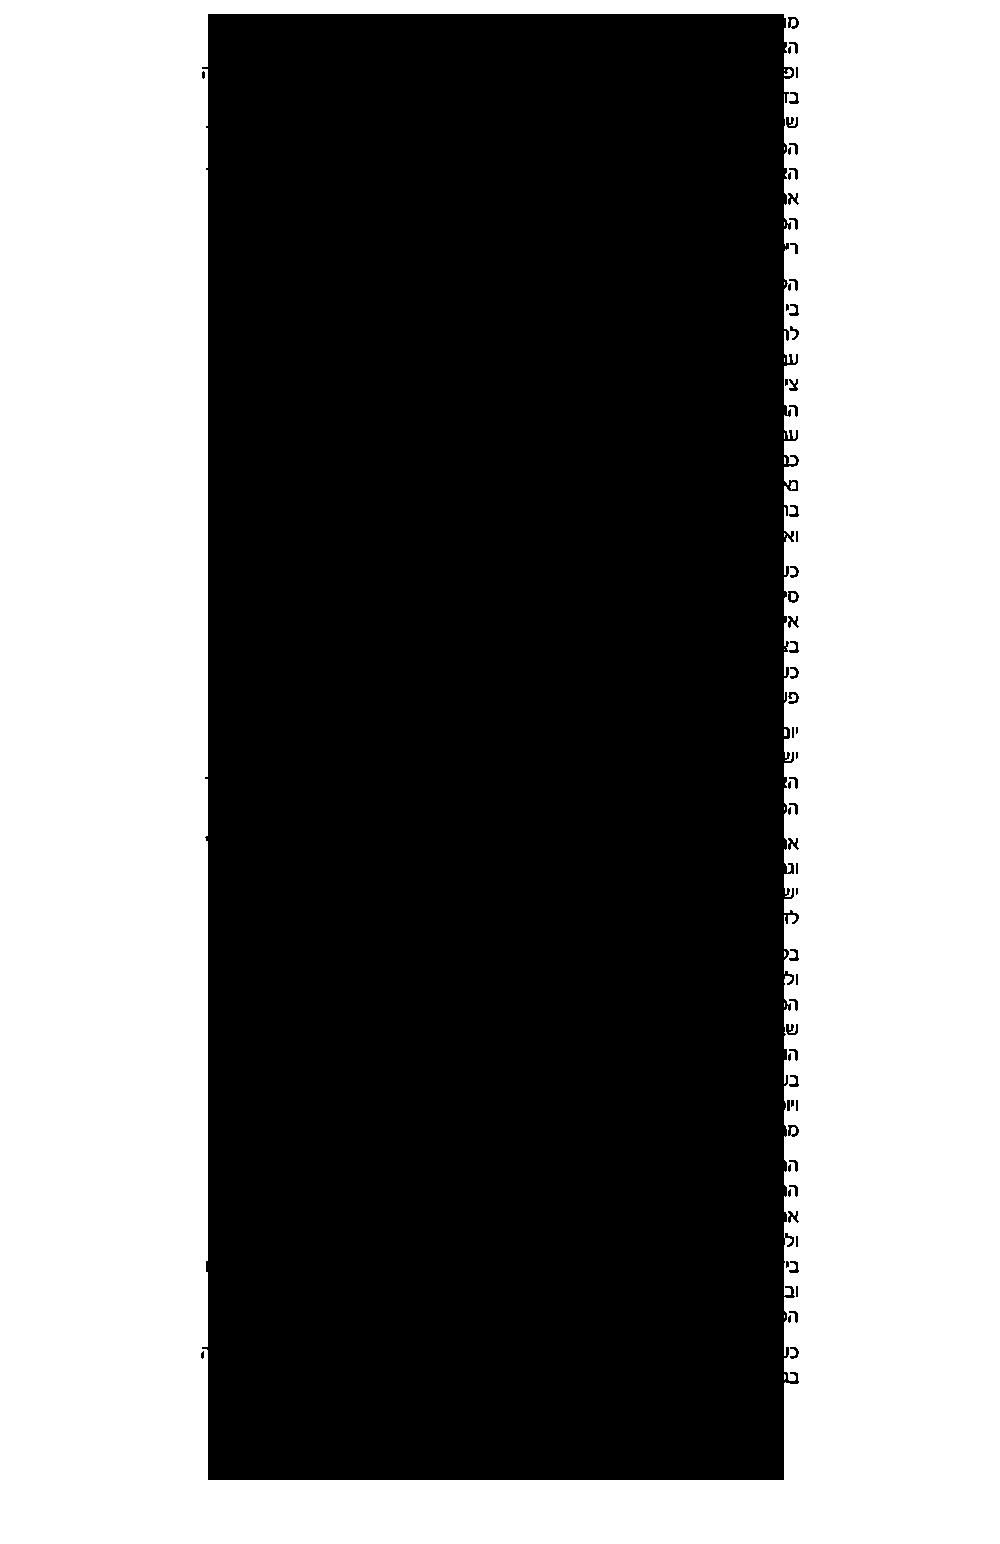 טקסט על מרים דרנגר